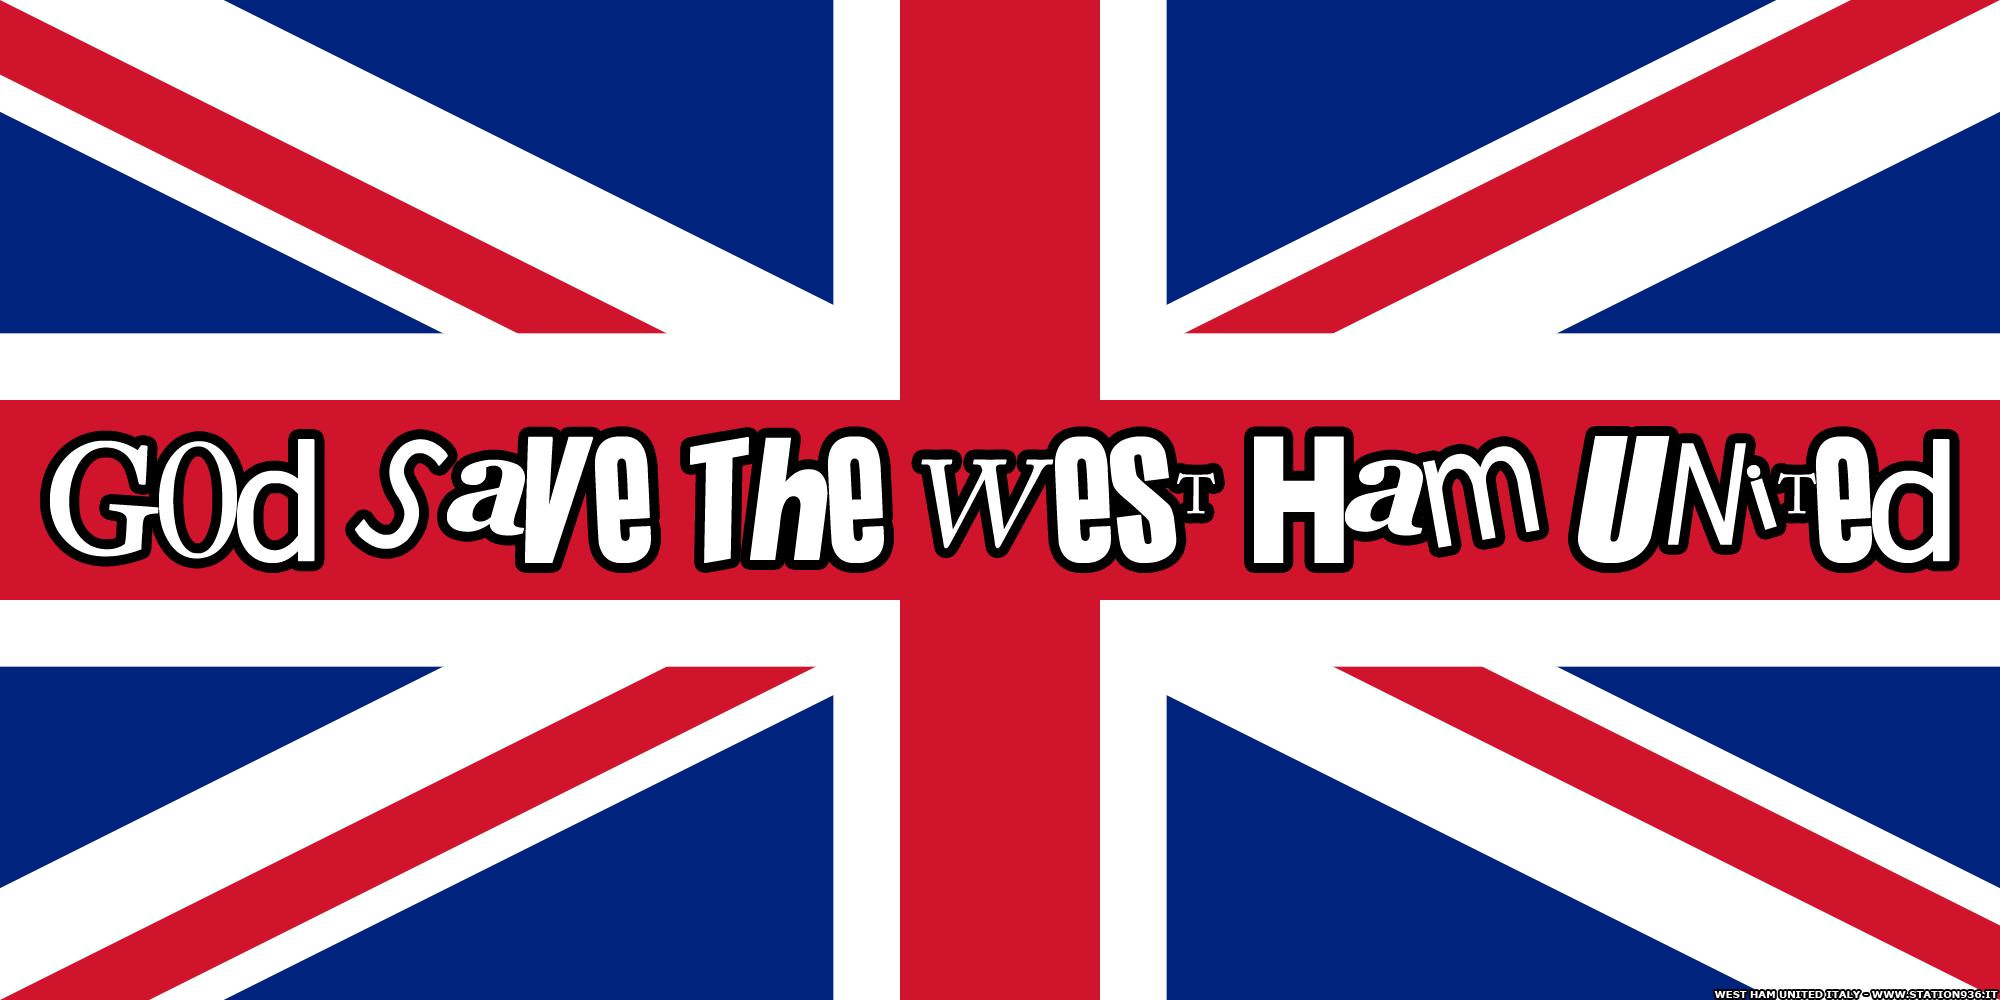 God save the West Ham United